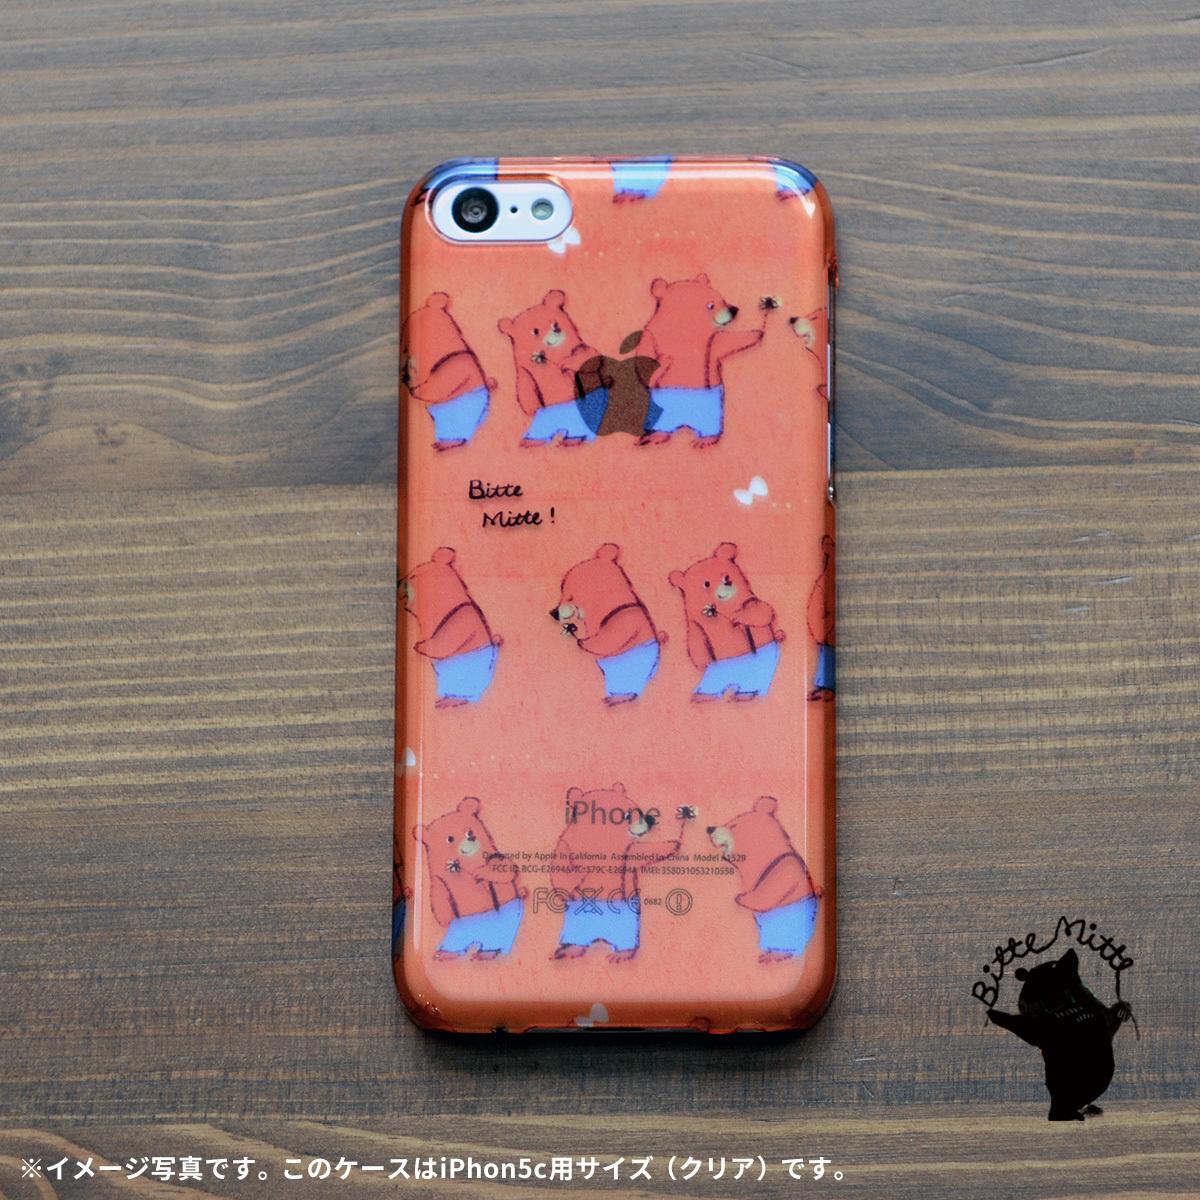 【限定色】iphone5c ハードケース クリア スマホケース iphone5c クリアケース iphone5c クリア ケース キラキラ かわいい クマ くま お裾分け/Bitte Mitte!